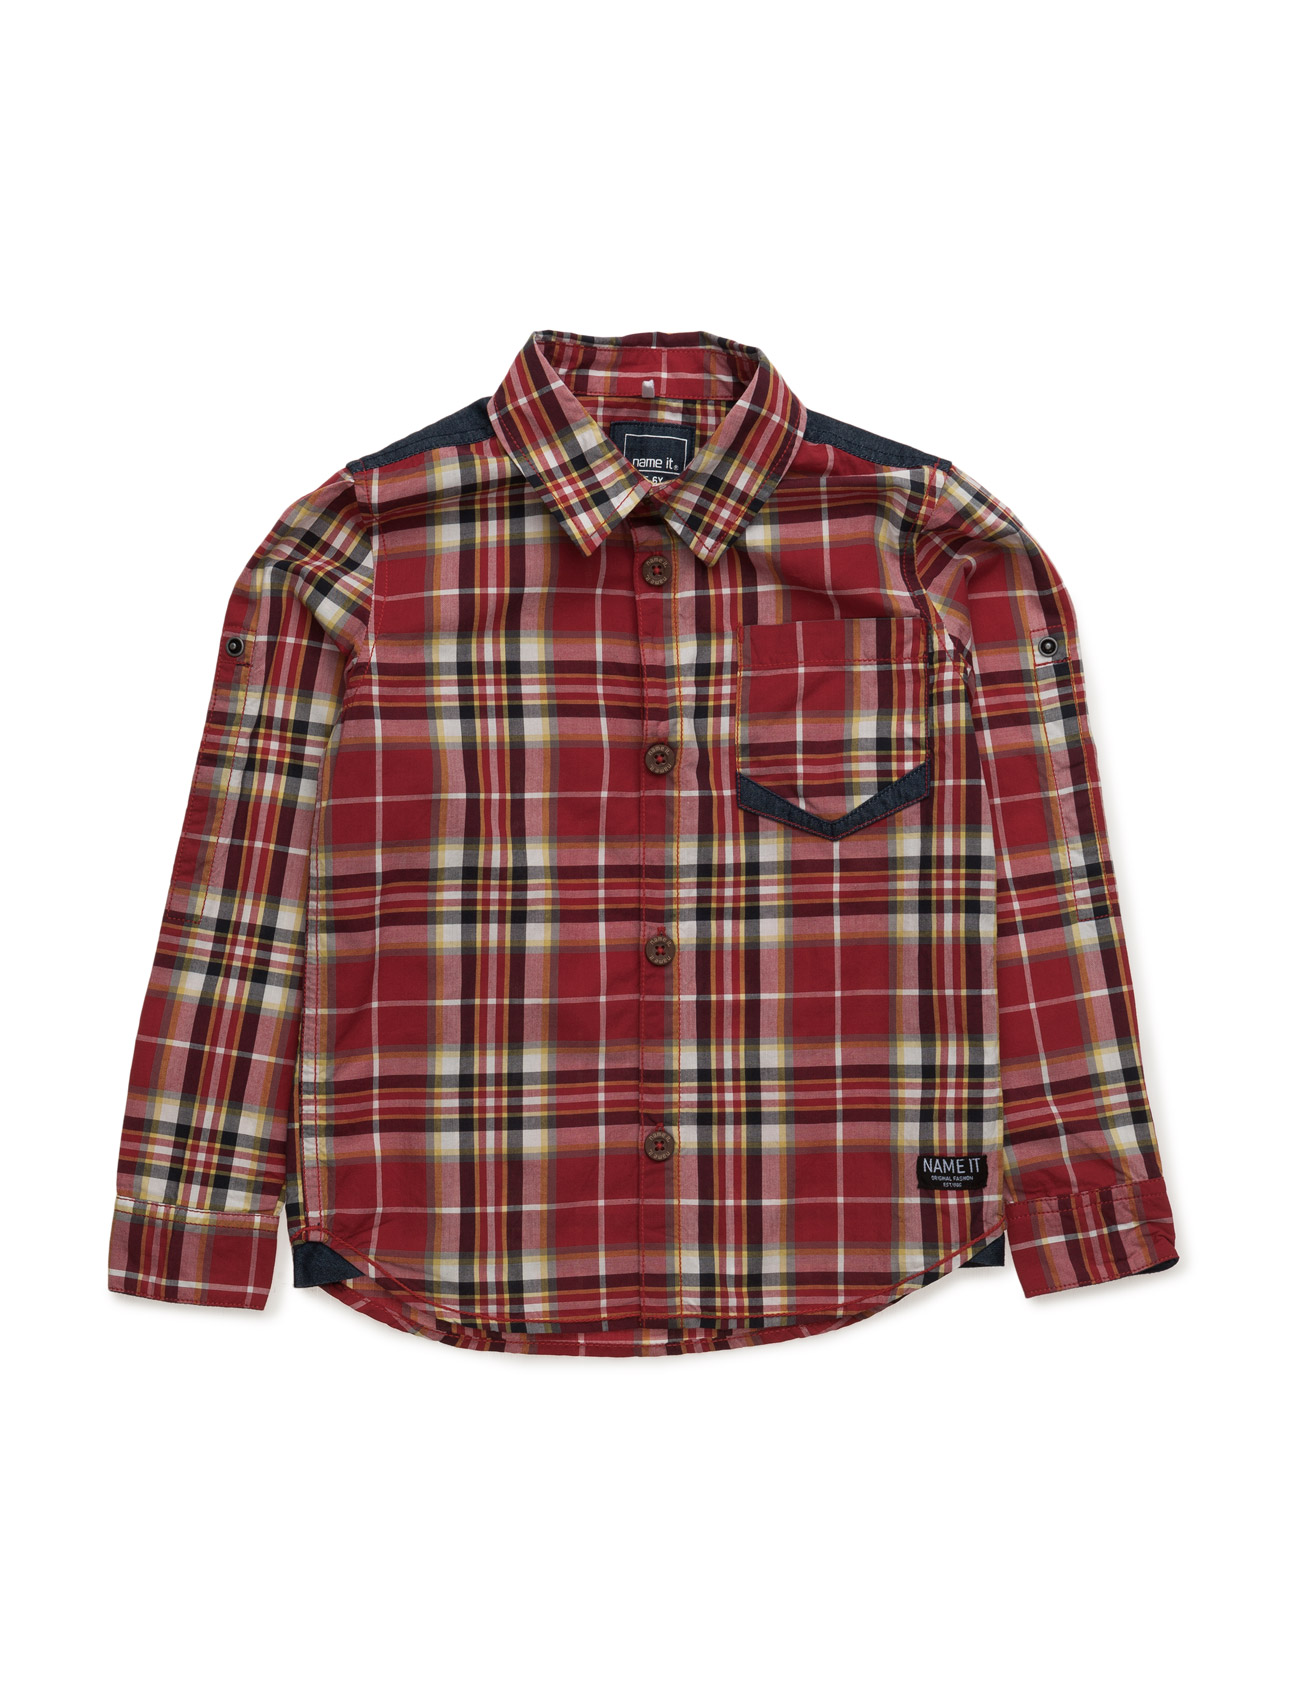 Nitegismo K Ls Shirt X-Sp16 name it 0